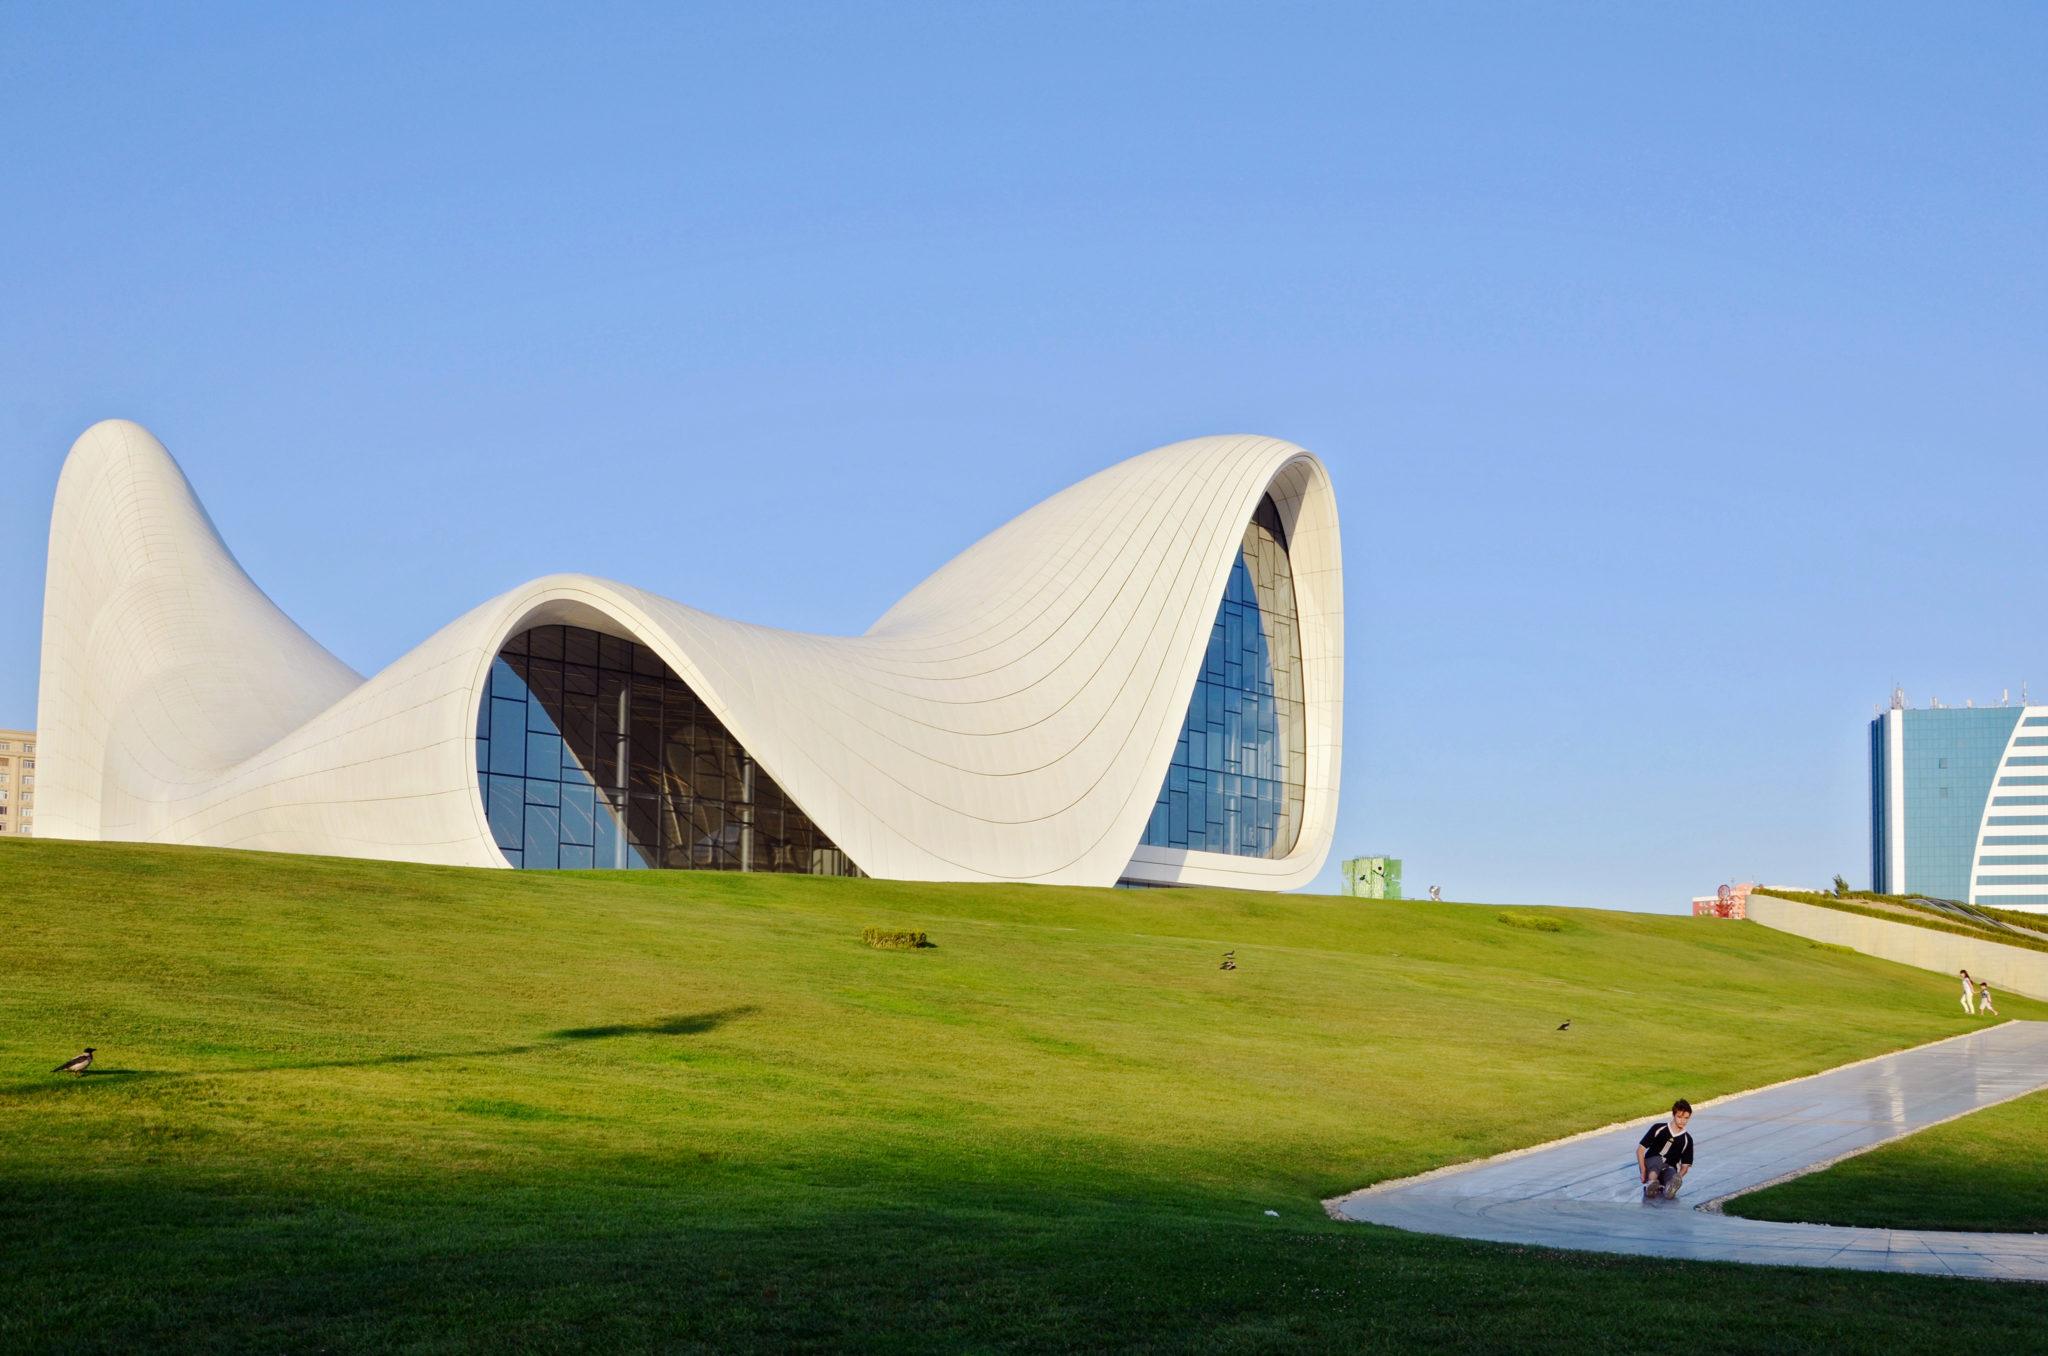 Das Heydar-Aliyev-Center von Zaha Hadid